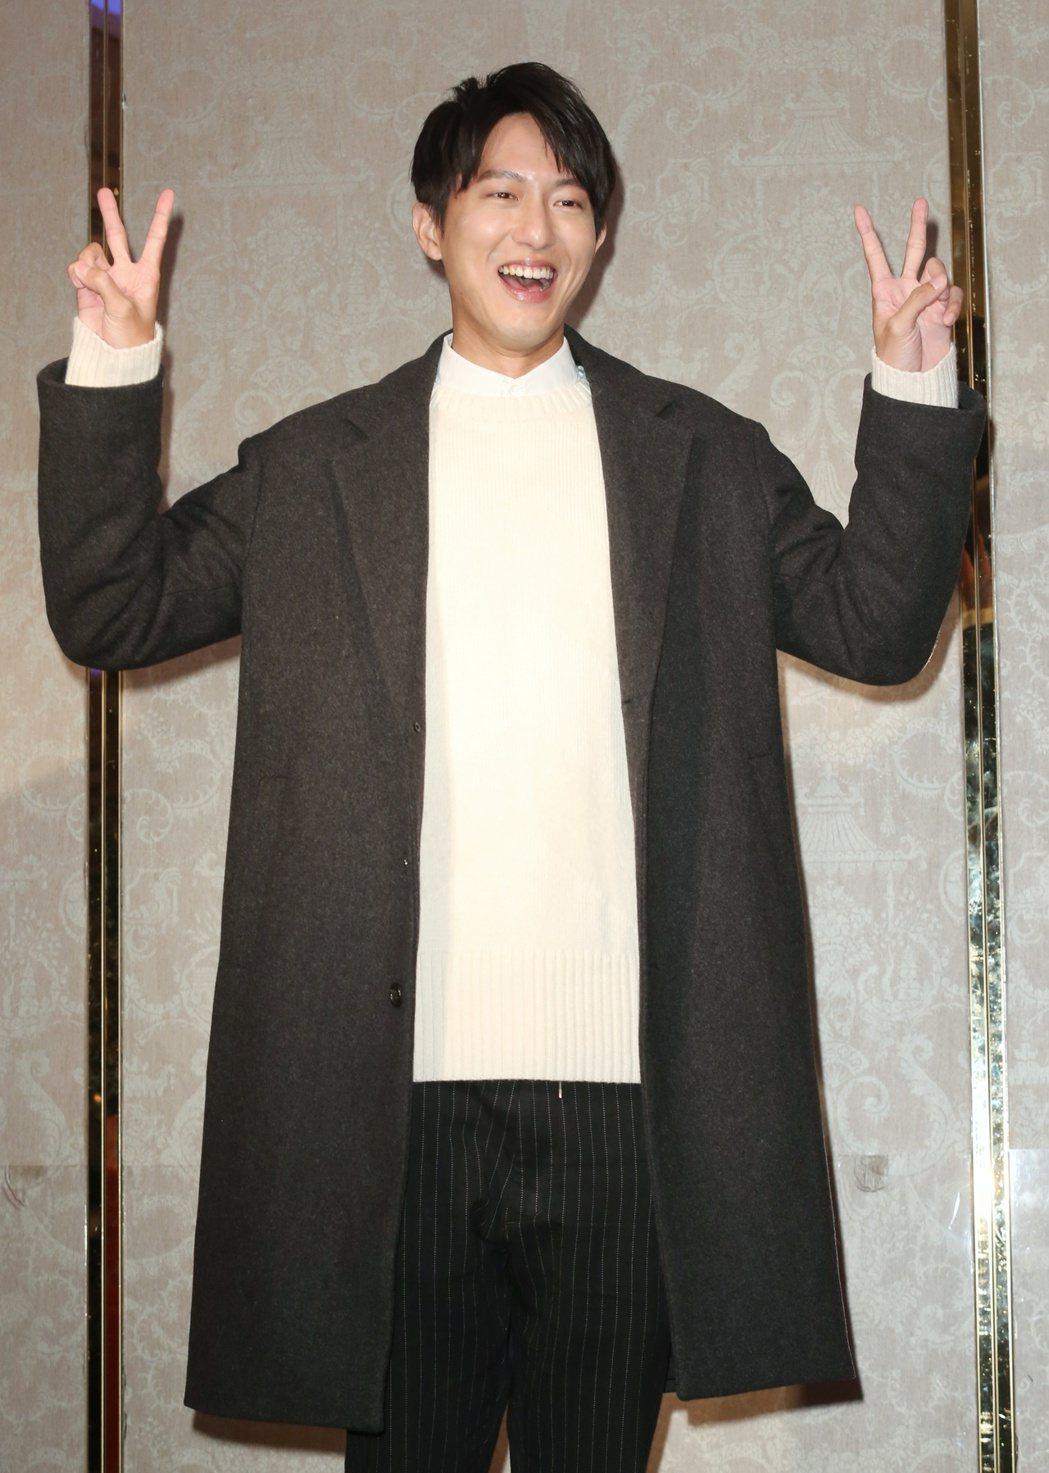 達騰娛樂春酒中午在華漾飯店舉行,藝人邱昊奇出席。記者陳正興/攝影